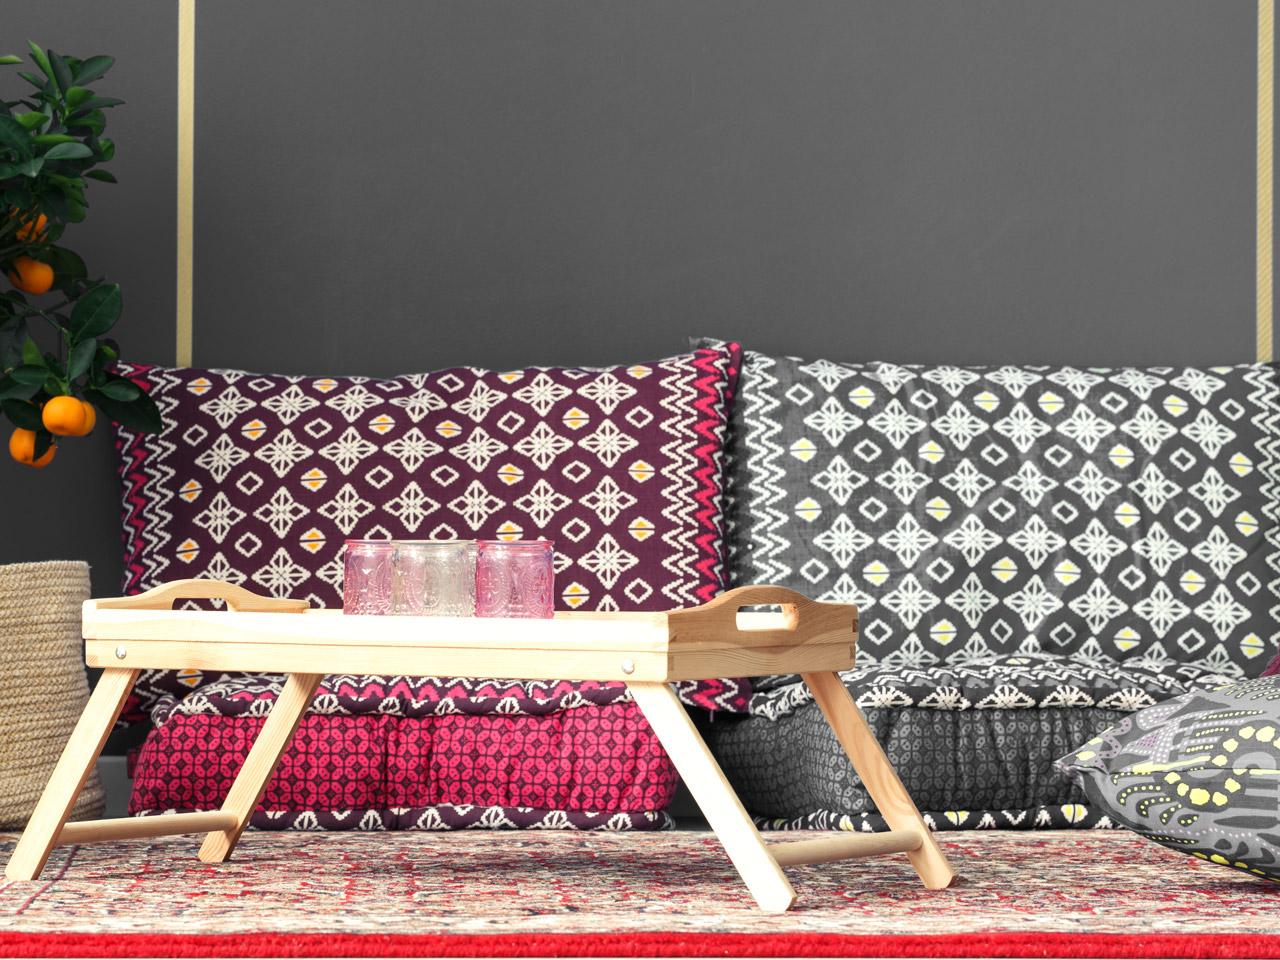 Sitzecke mit Kissen im orientalischen Stil im Schlafzimmer